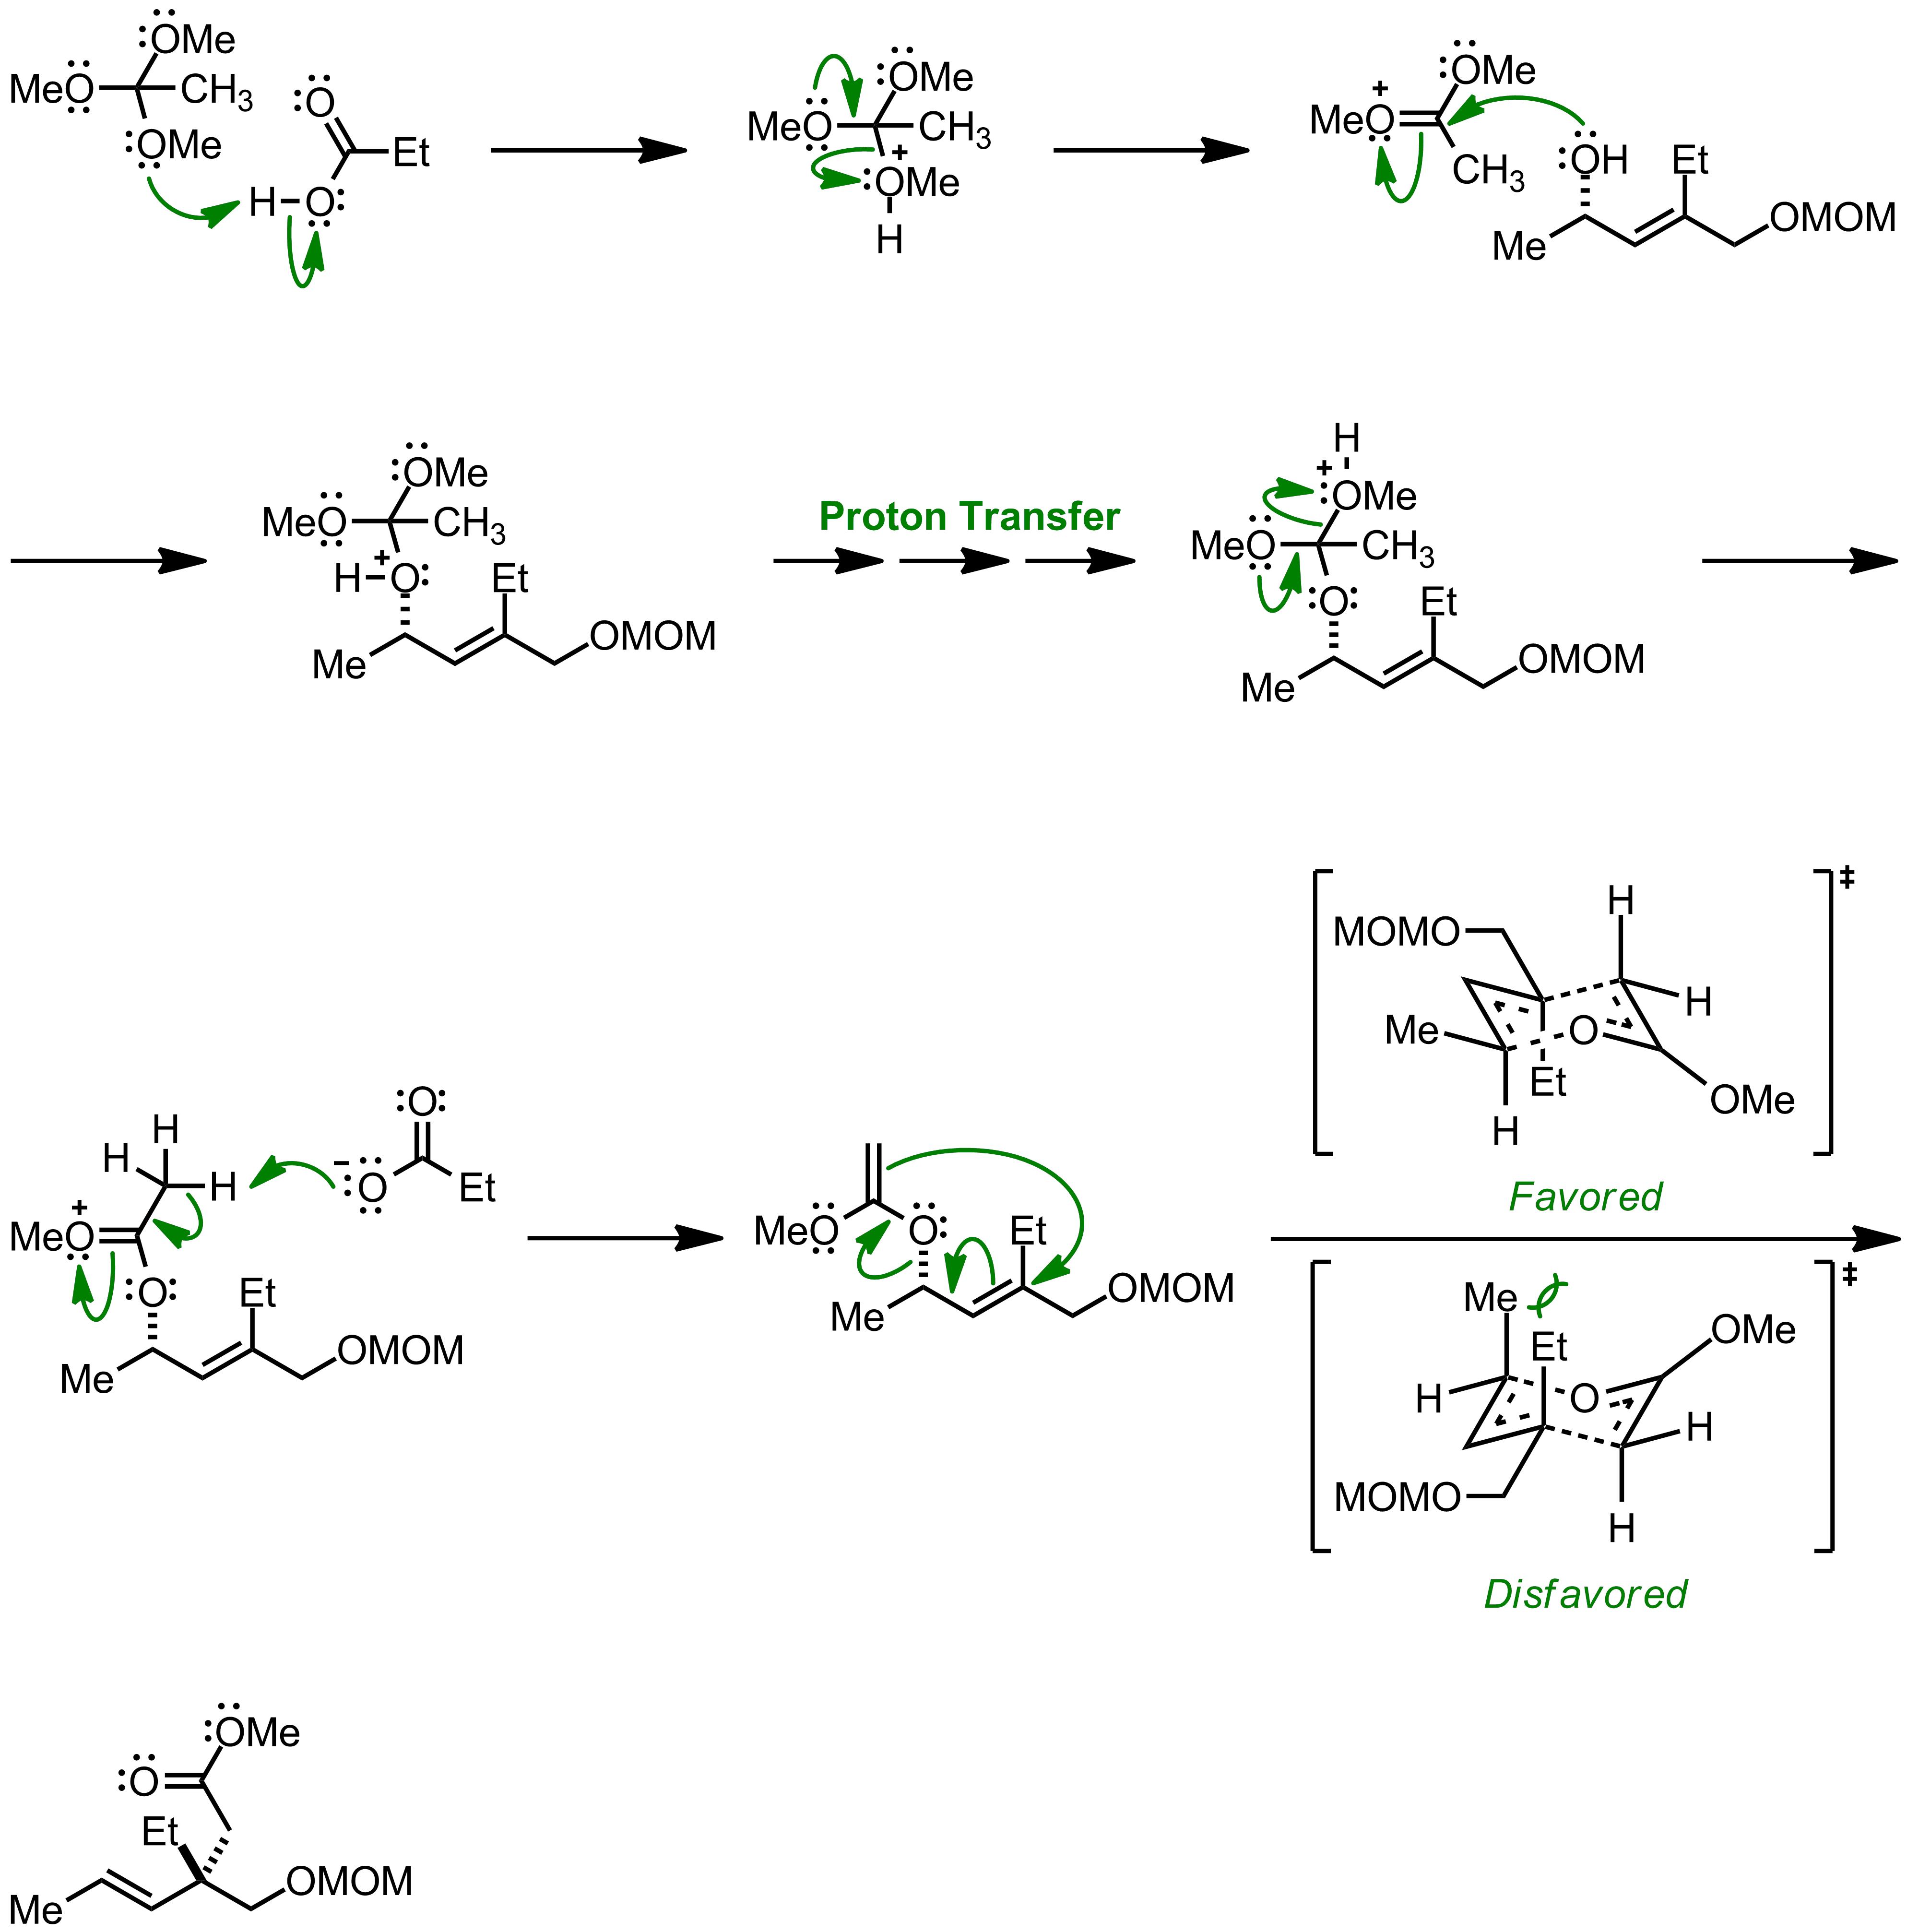 Mechanism of the Johnson-Claisen Rearrangement